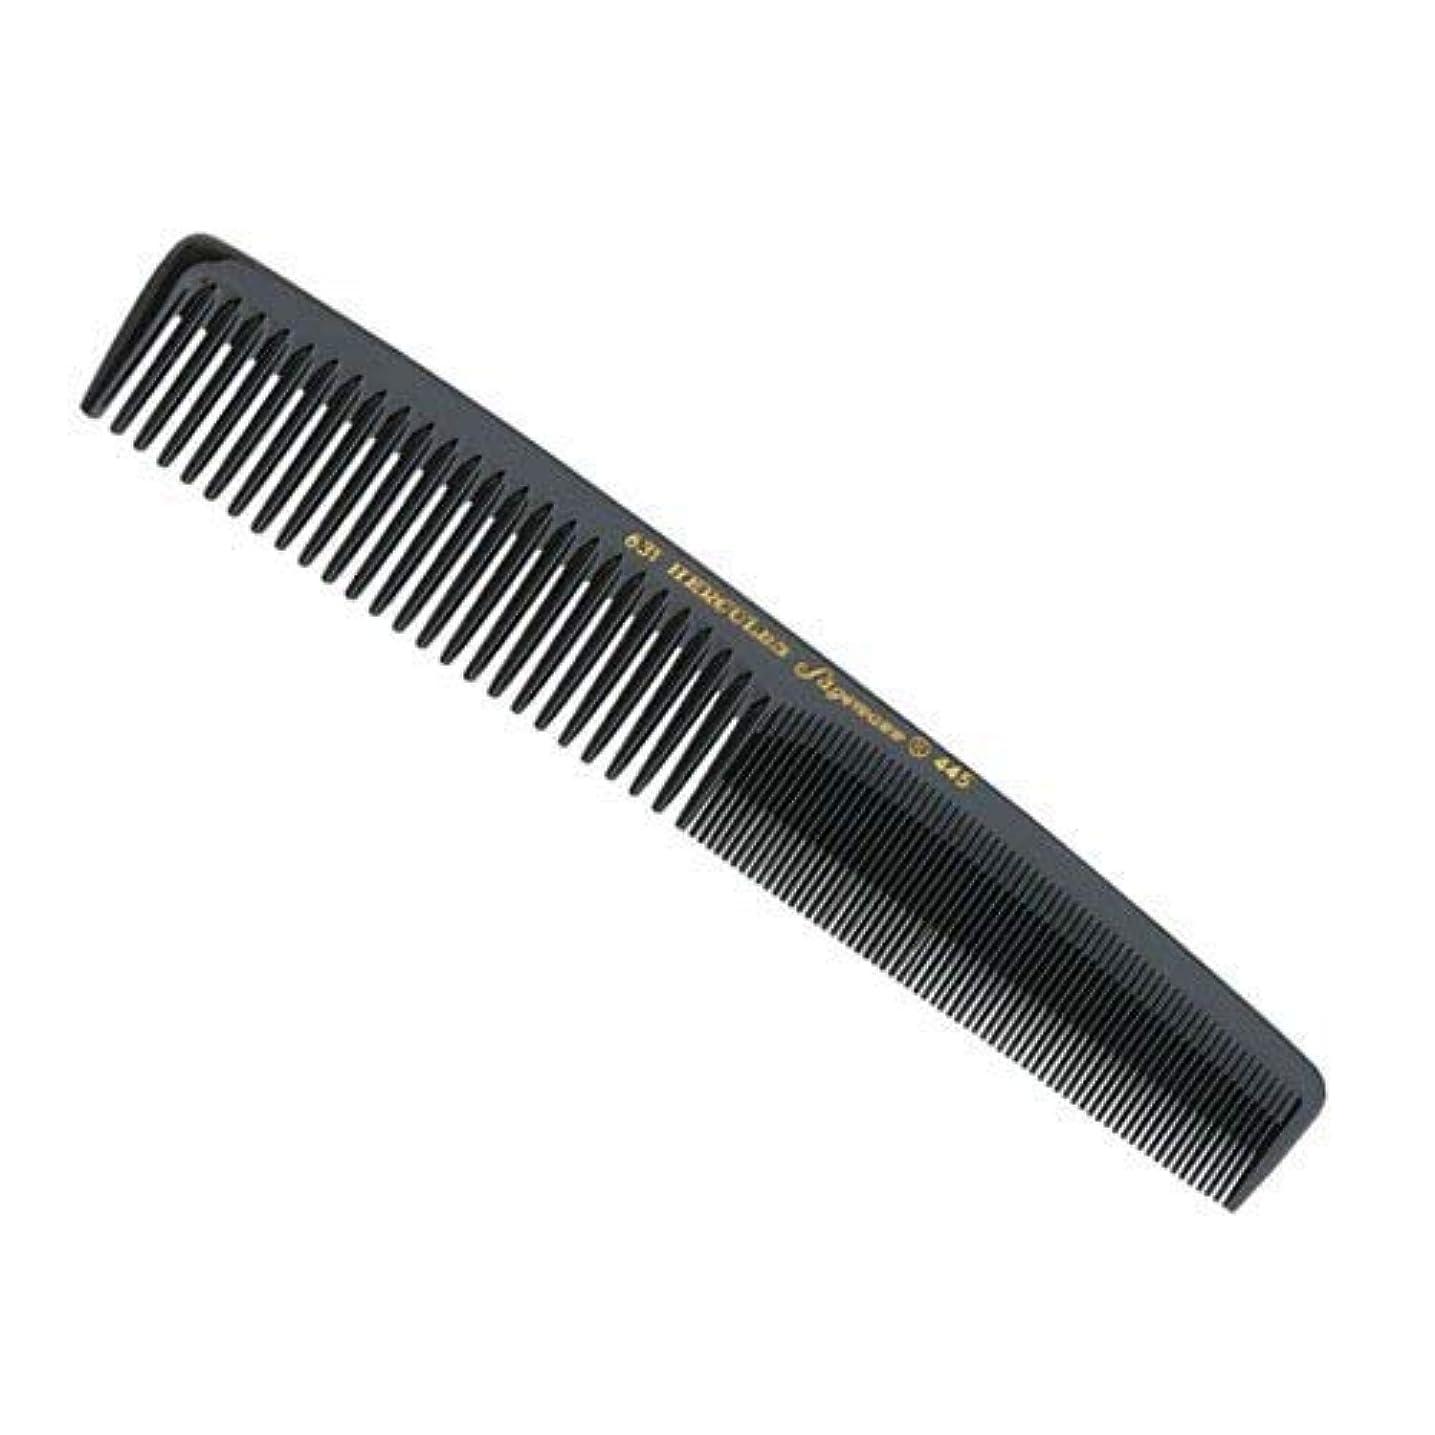 震え一致シーケンスHercules Sagemann Medium Waver Ladies Hair Comb, Length-17.8 cm [並行輸入品]